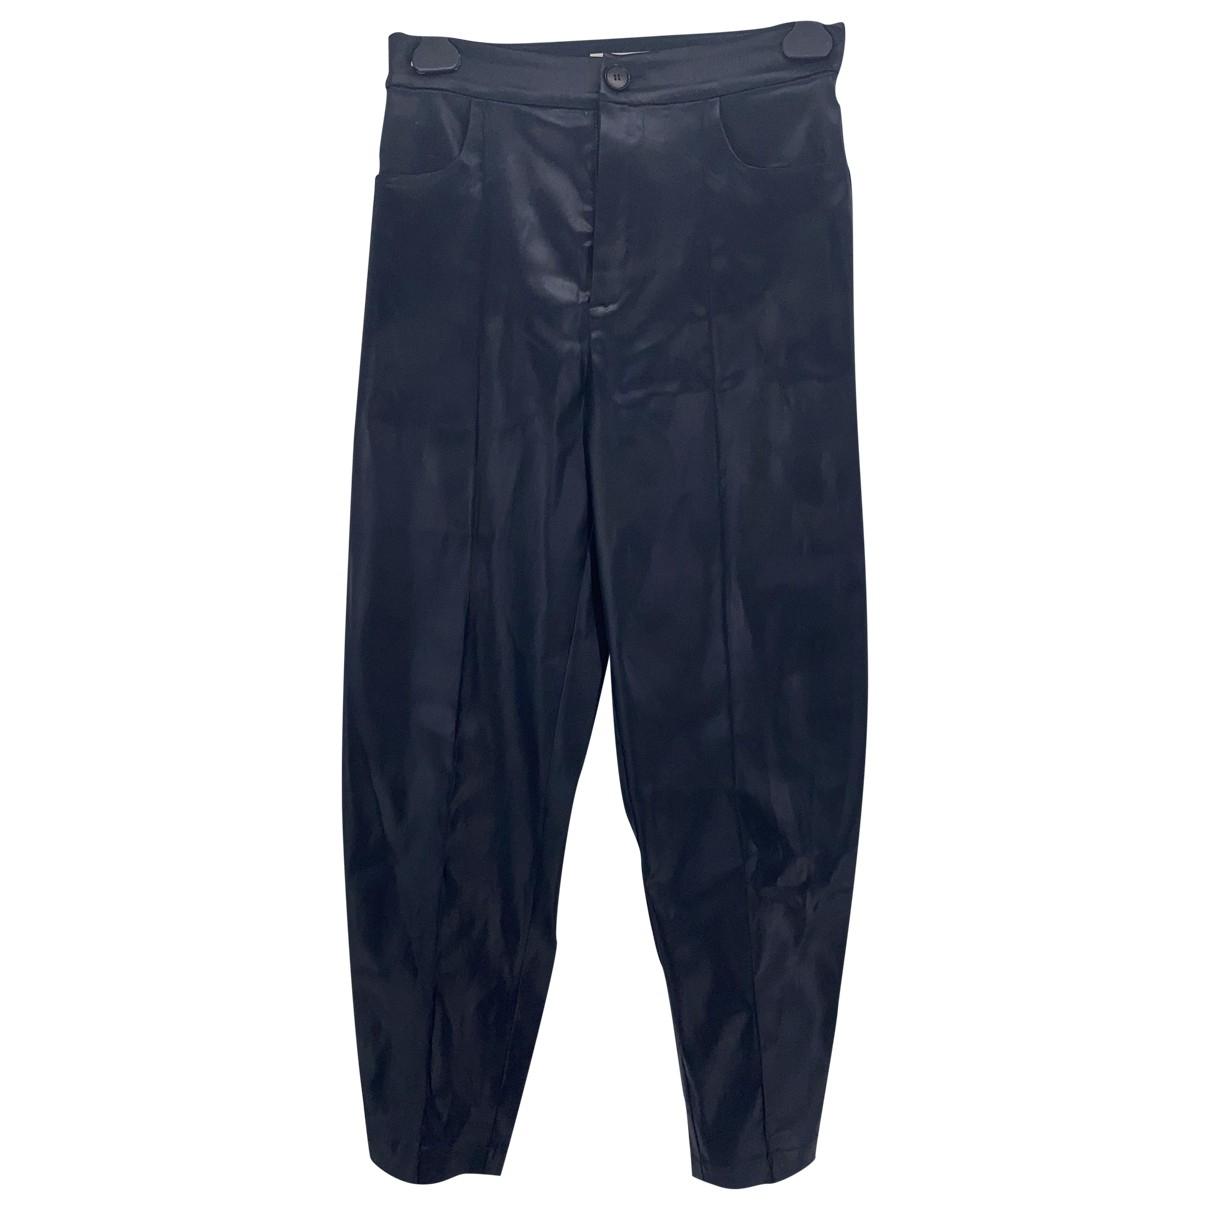 Pantalon zanahoria Aeron